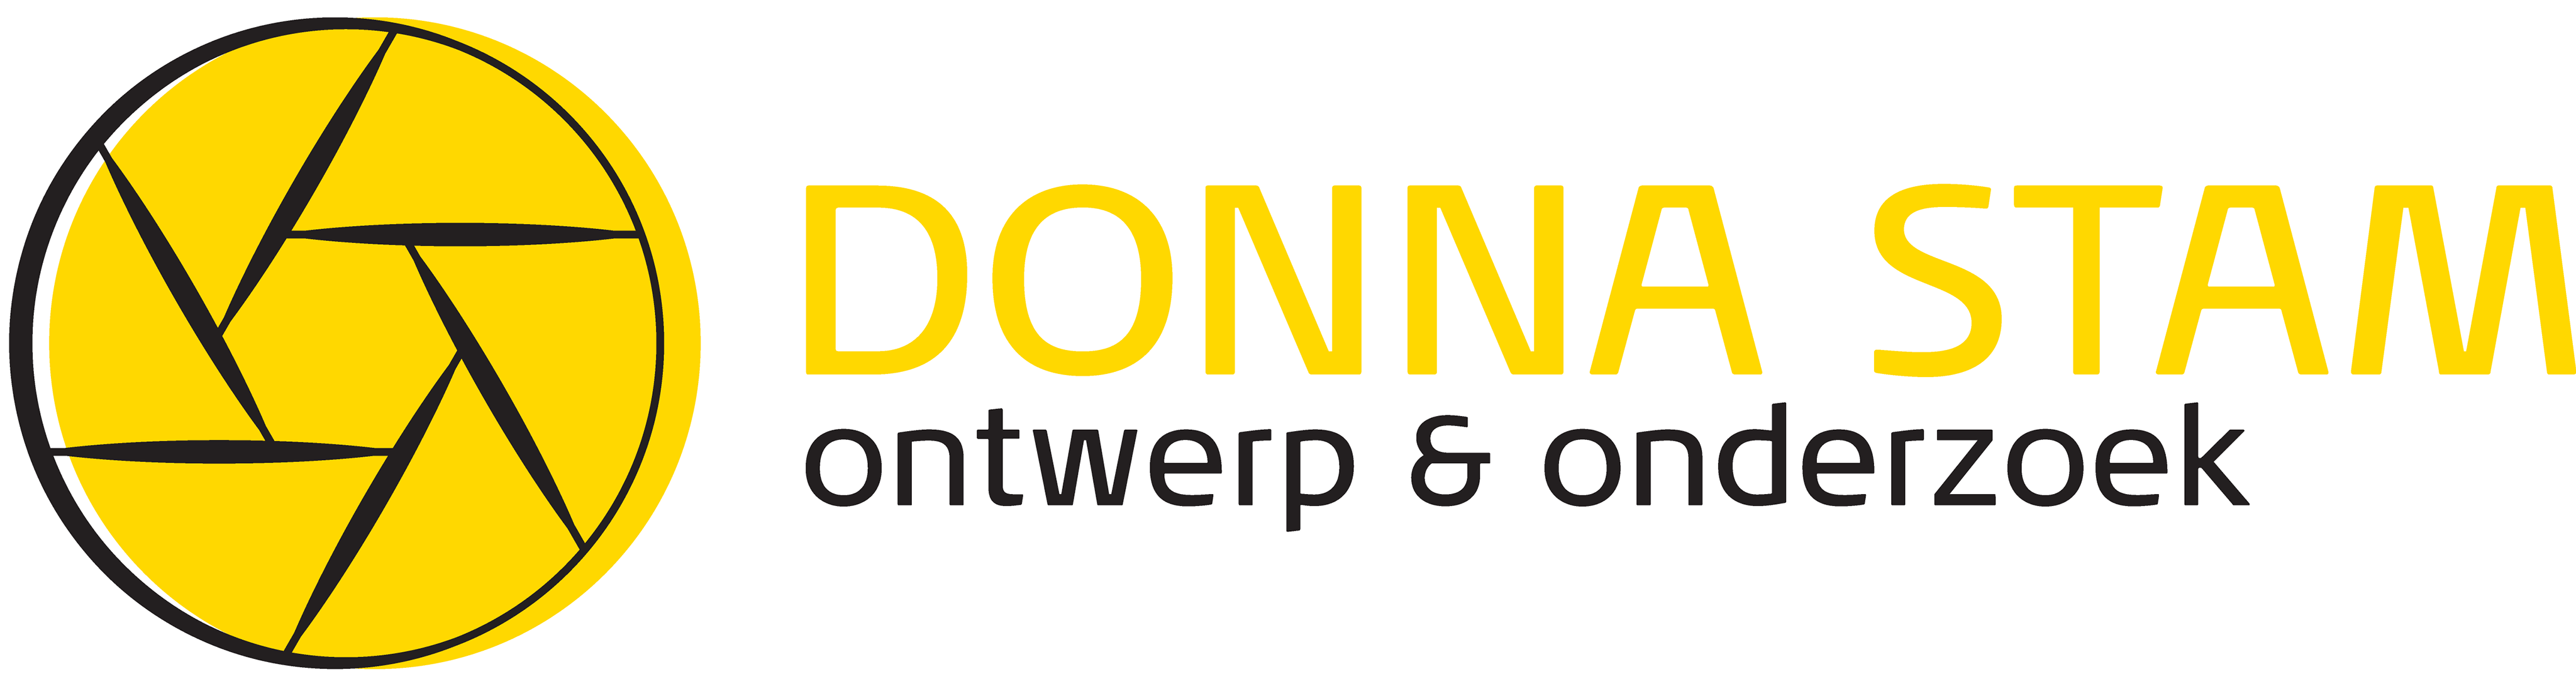 Donna Stam